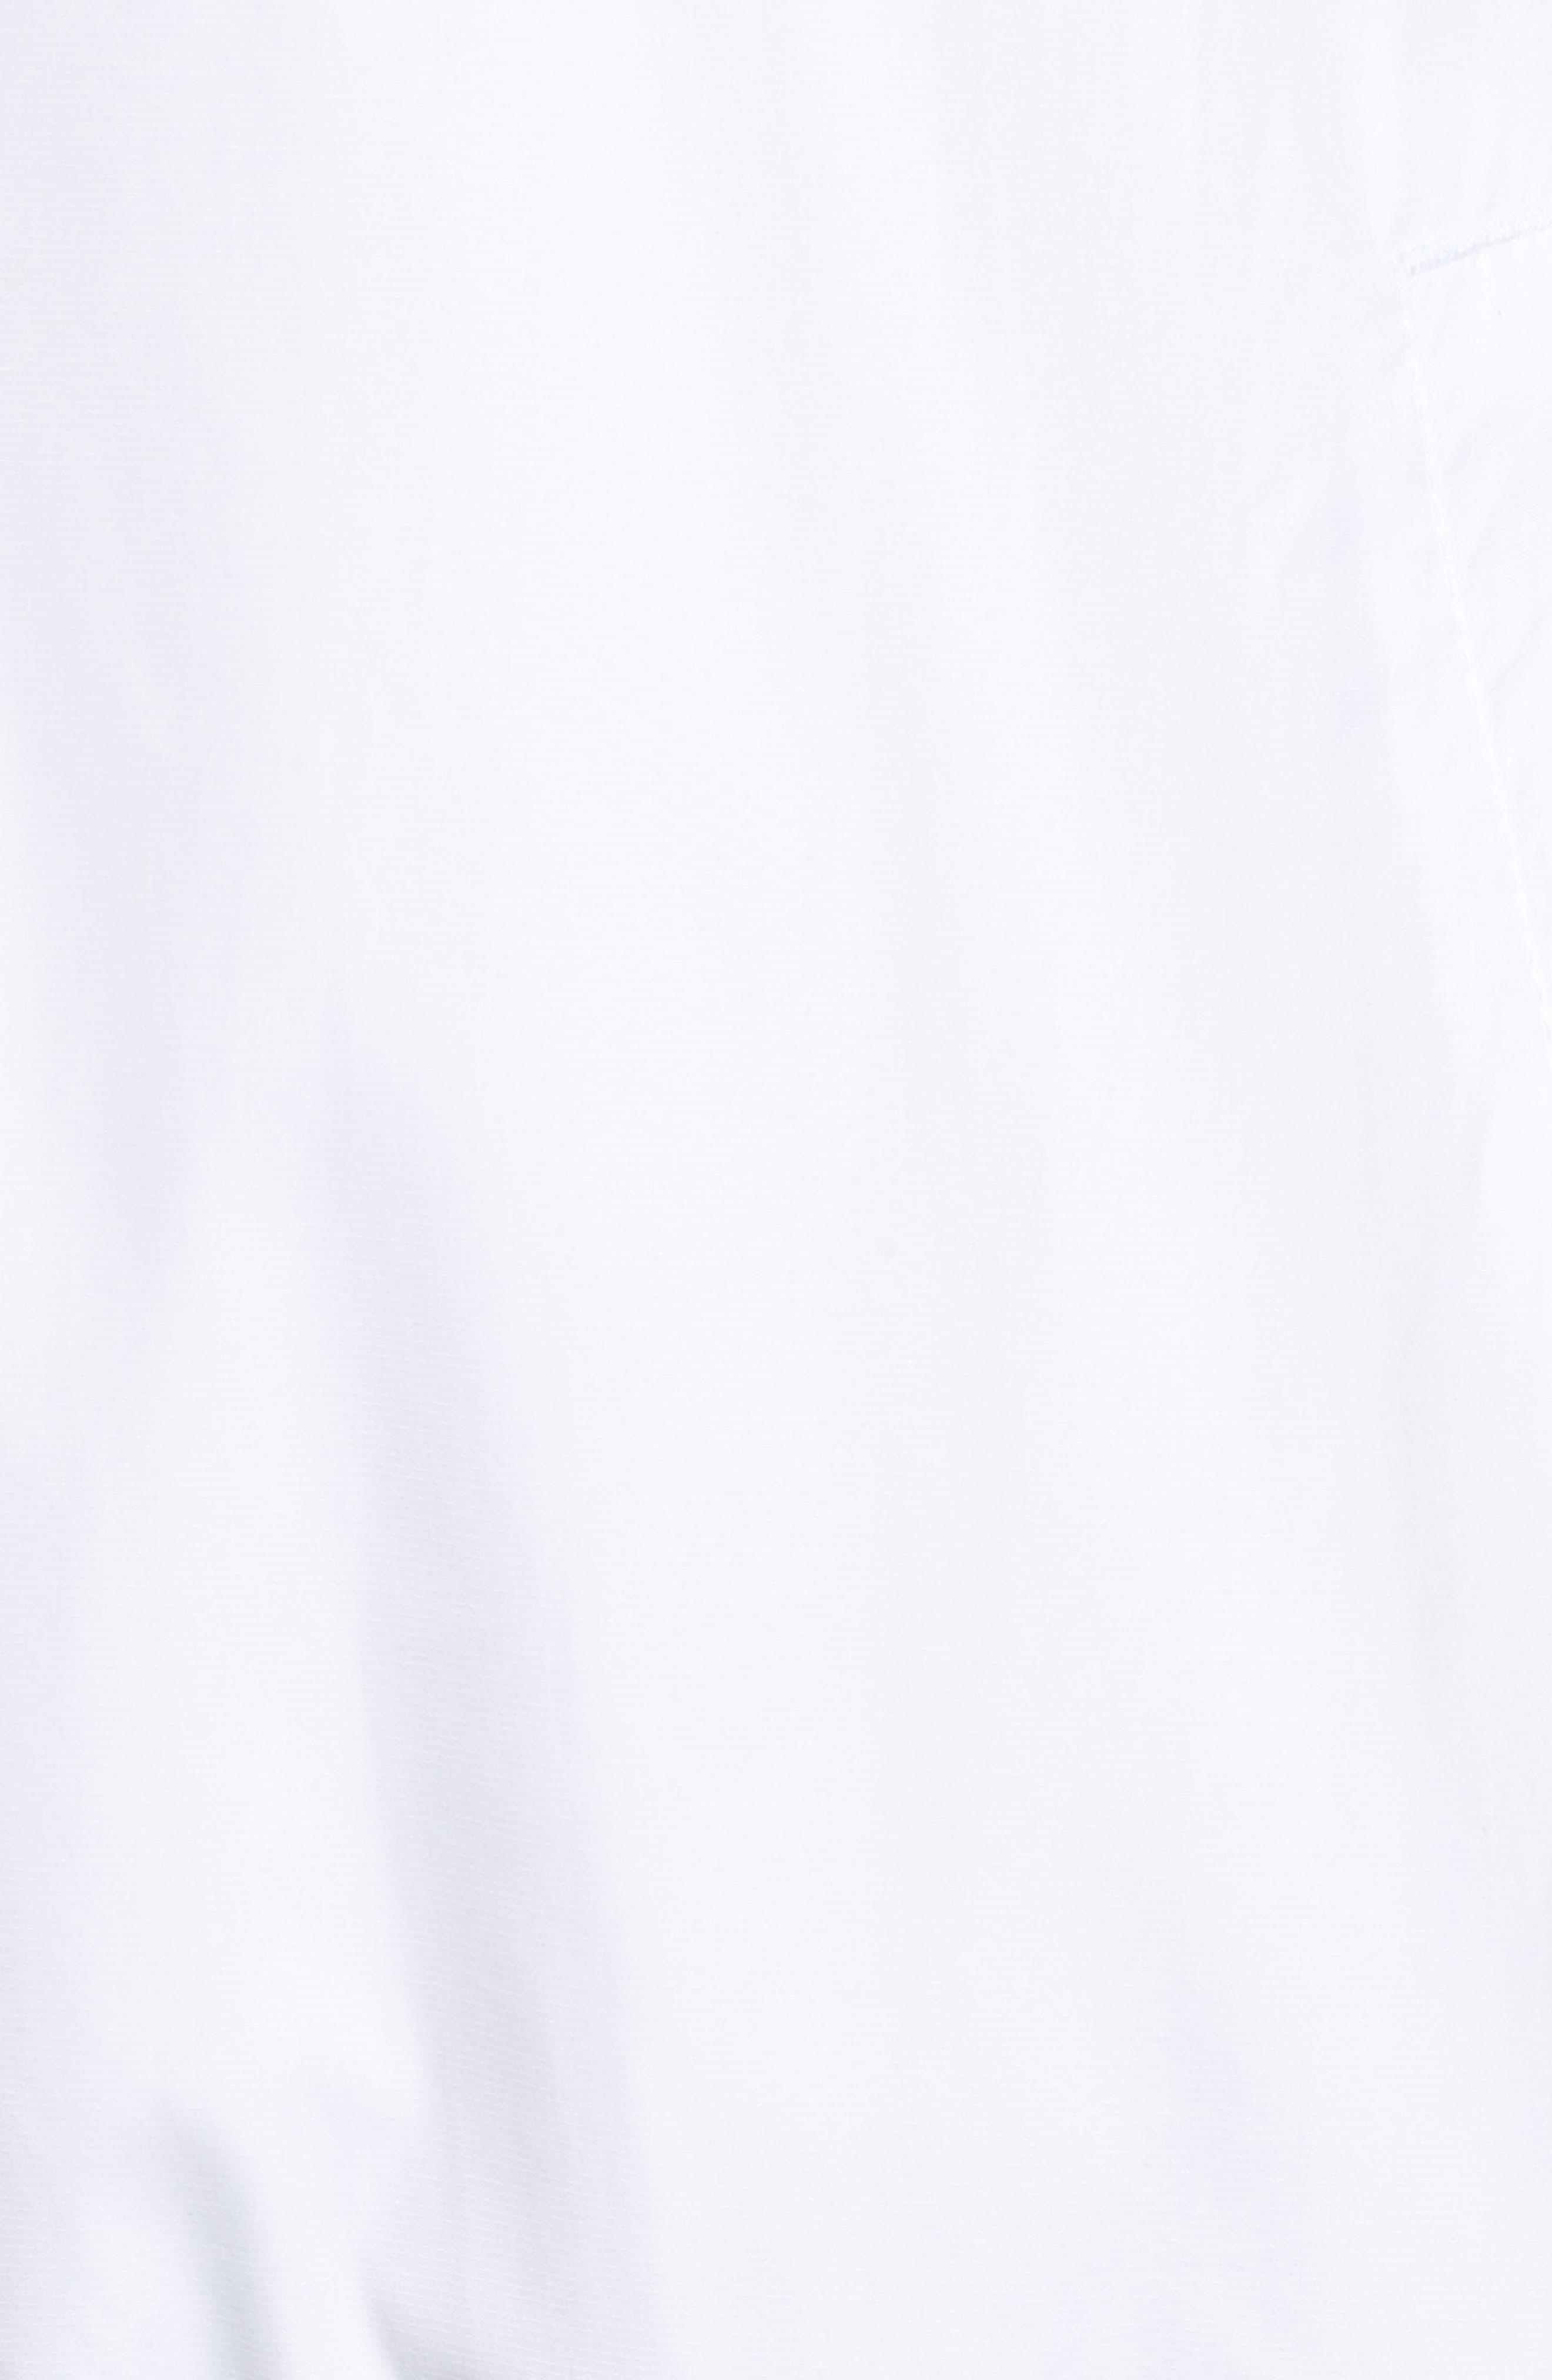 Sportswear Women's Windrunner Water Repellent Jacket,                             Alternate thumbnail 7, color,                             WHITE/ LIGHT BONE/ LIGHT BONE